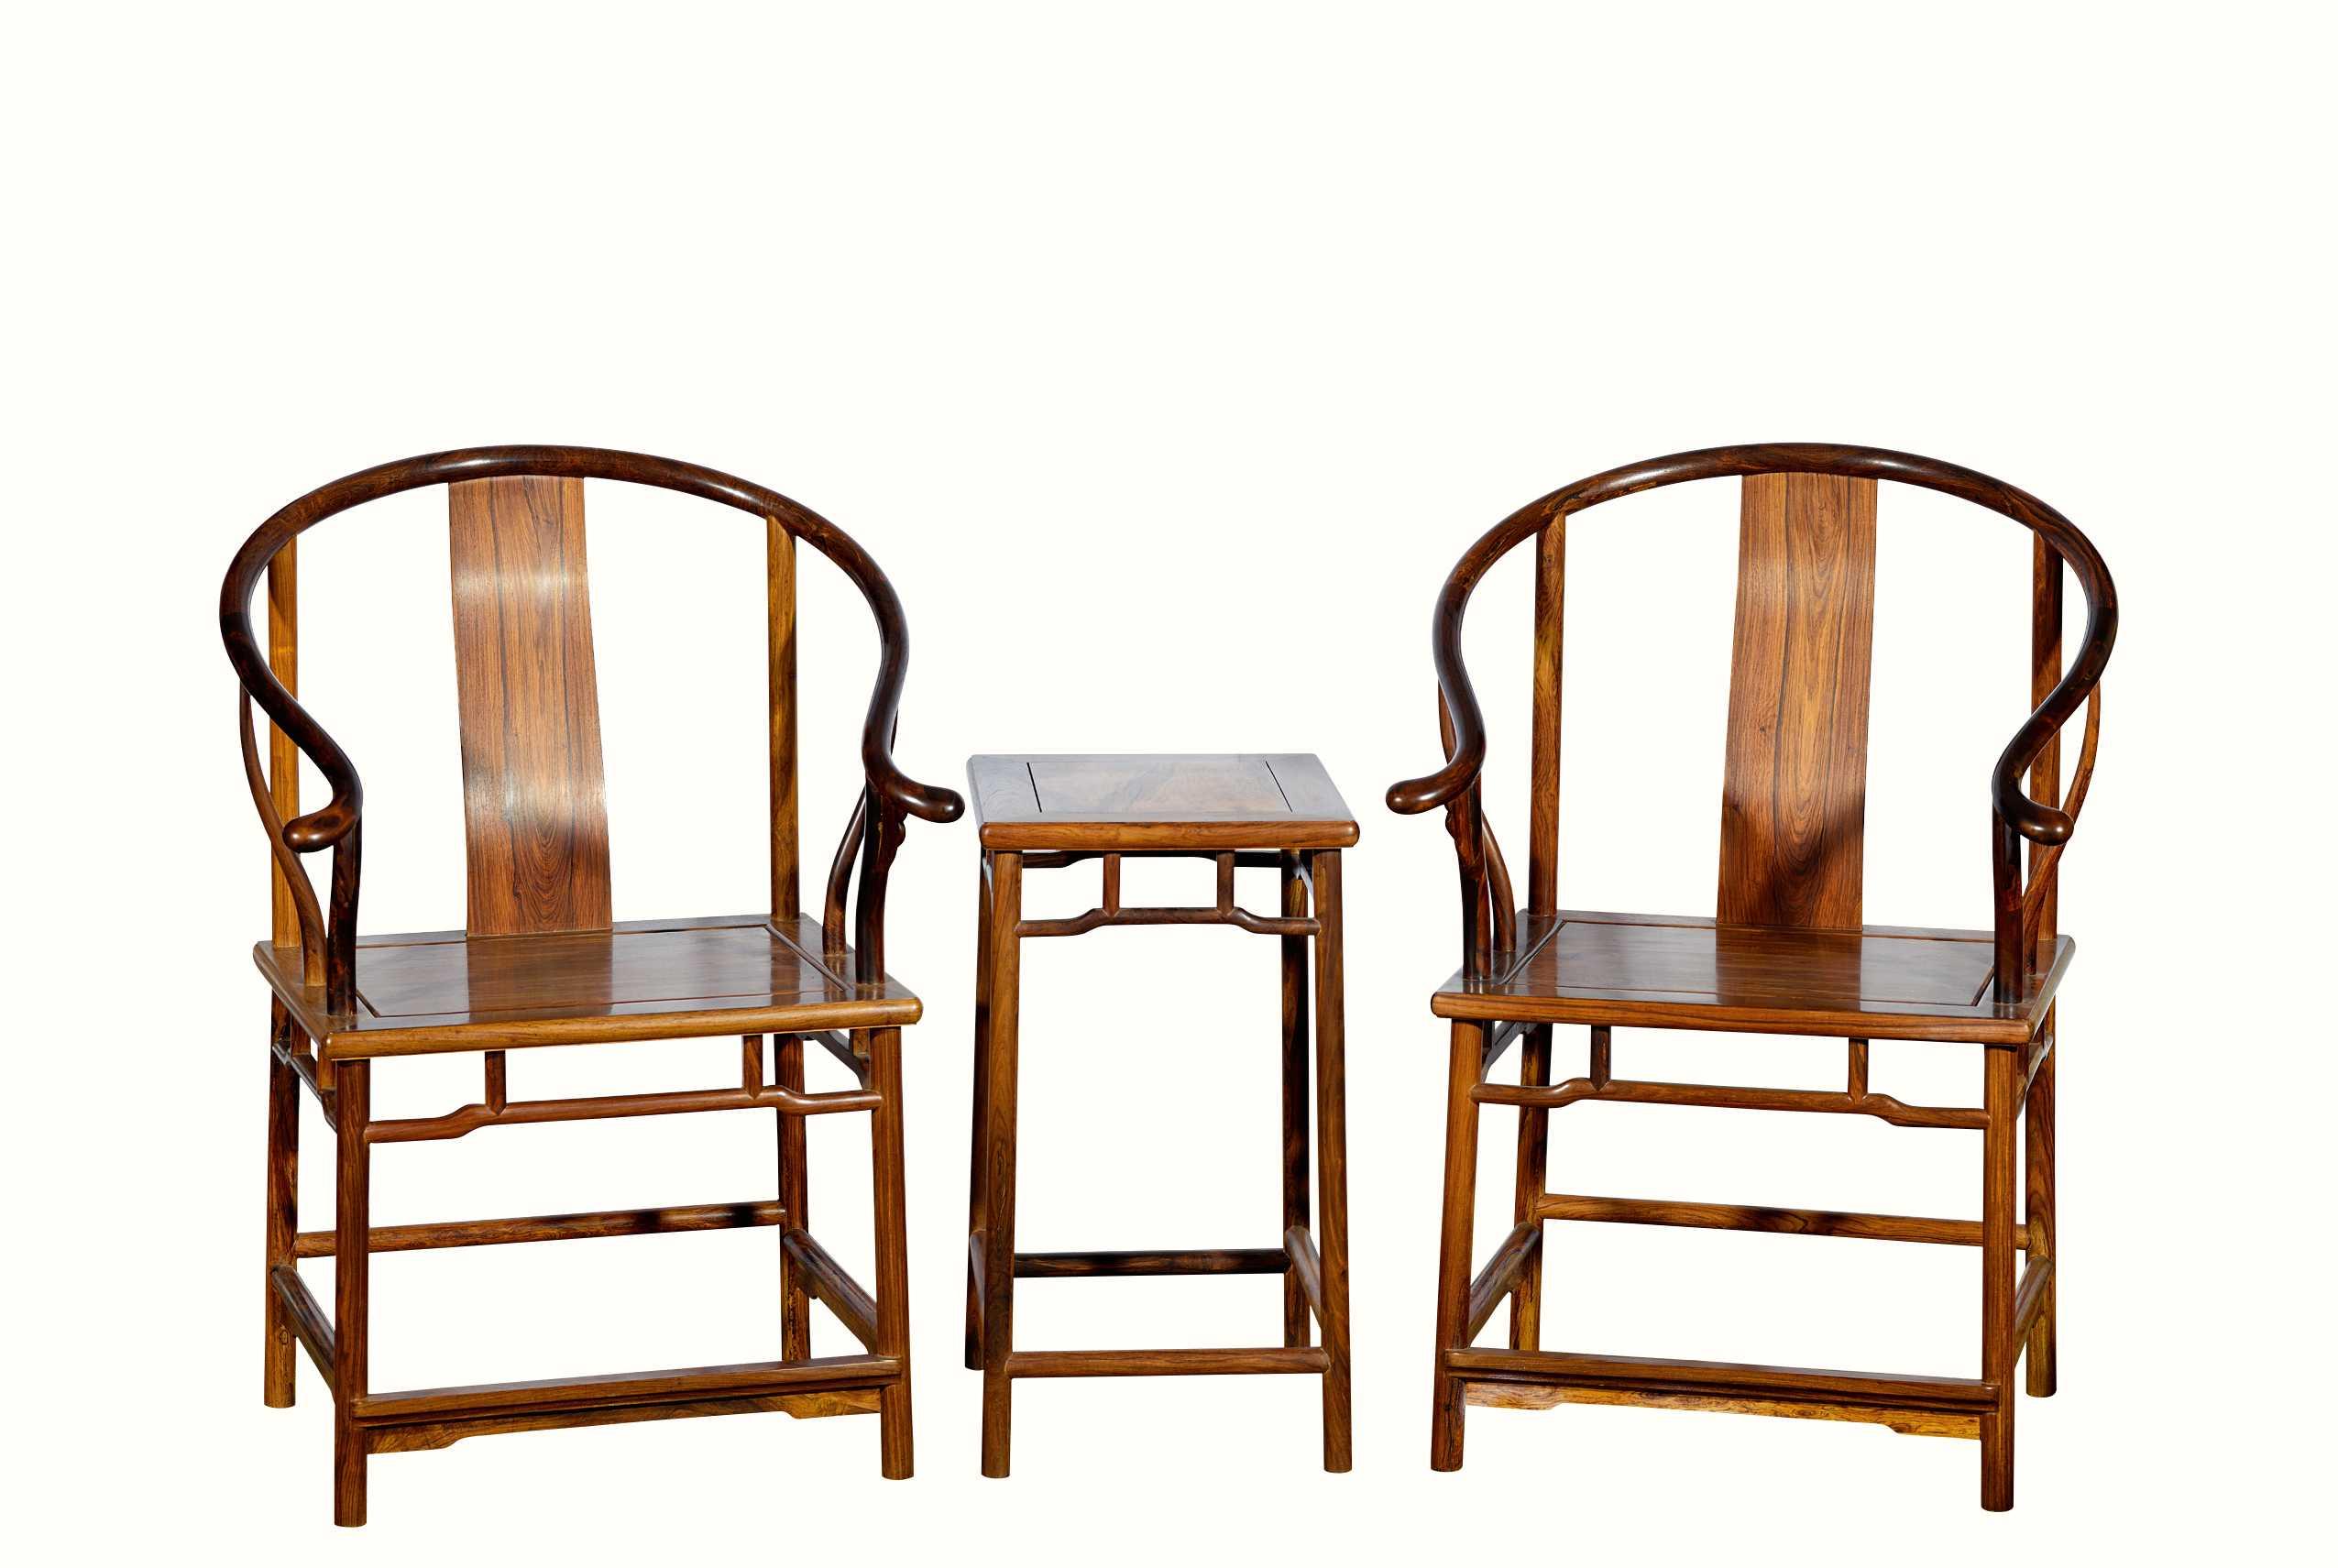 海南黄花梨木圈椅三件套作品拍卖预展